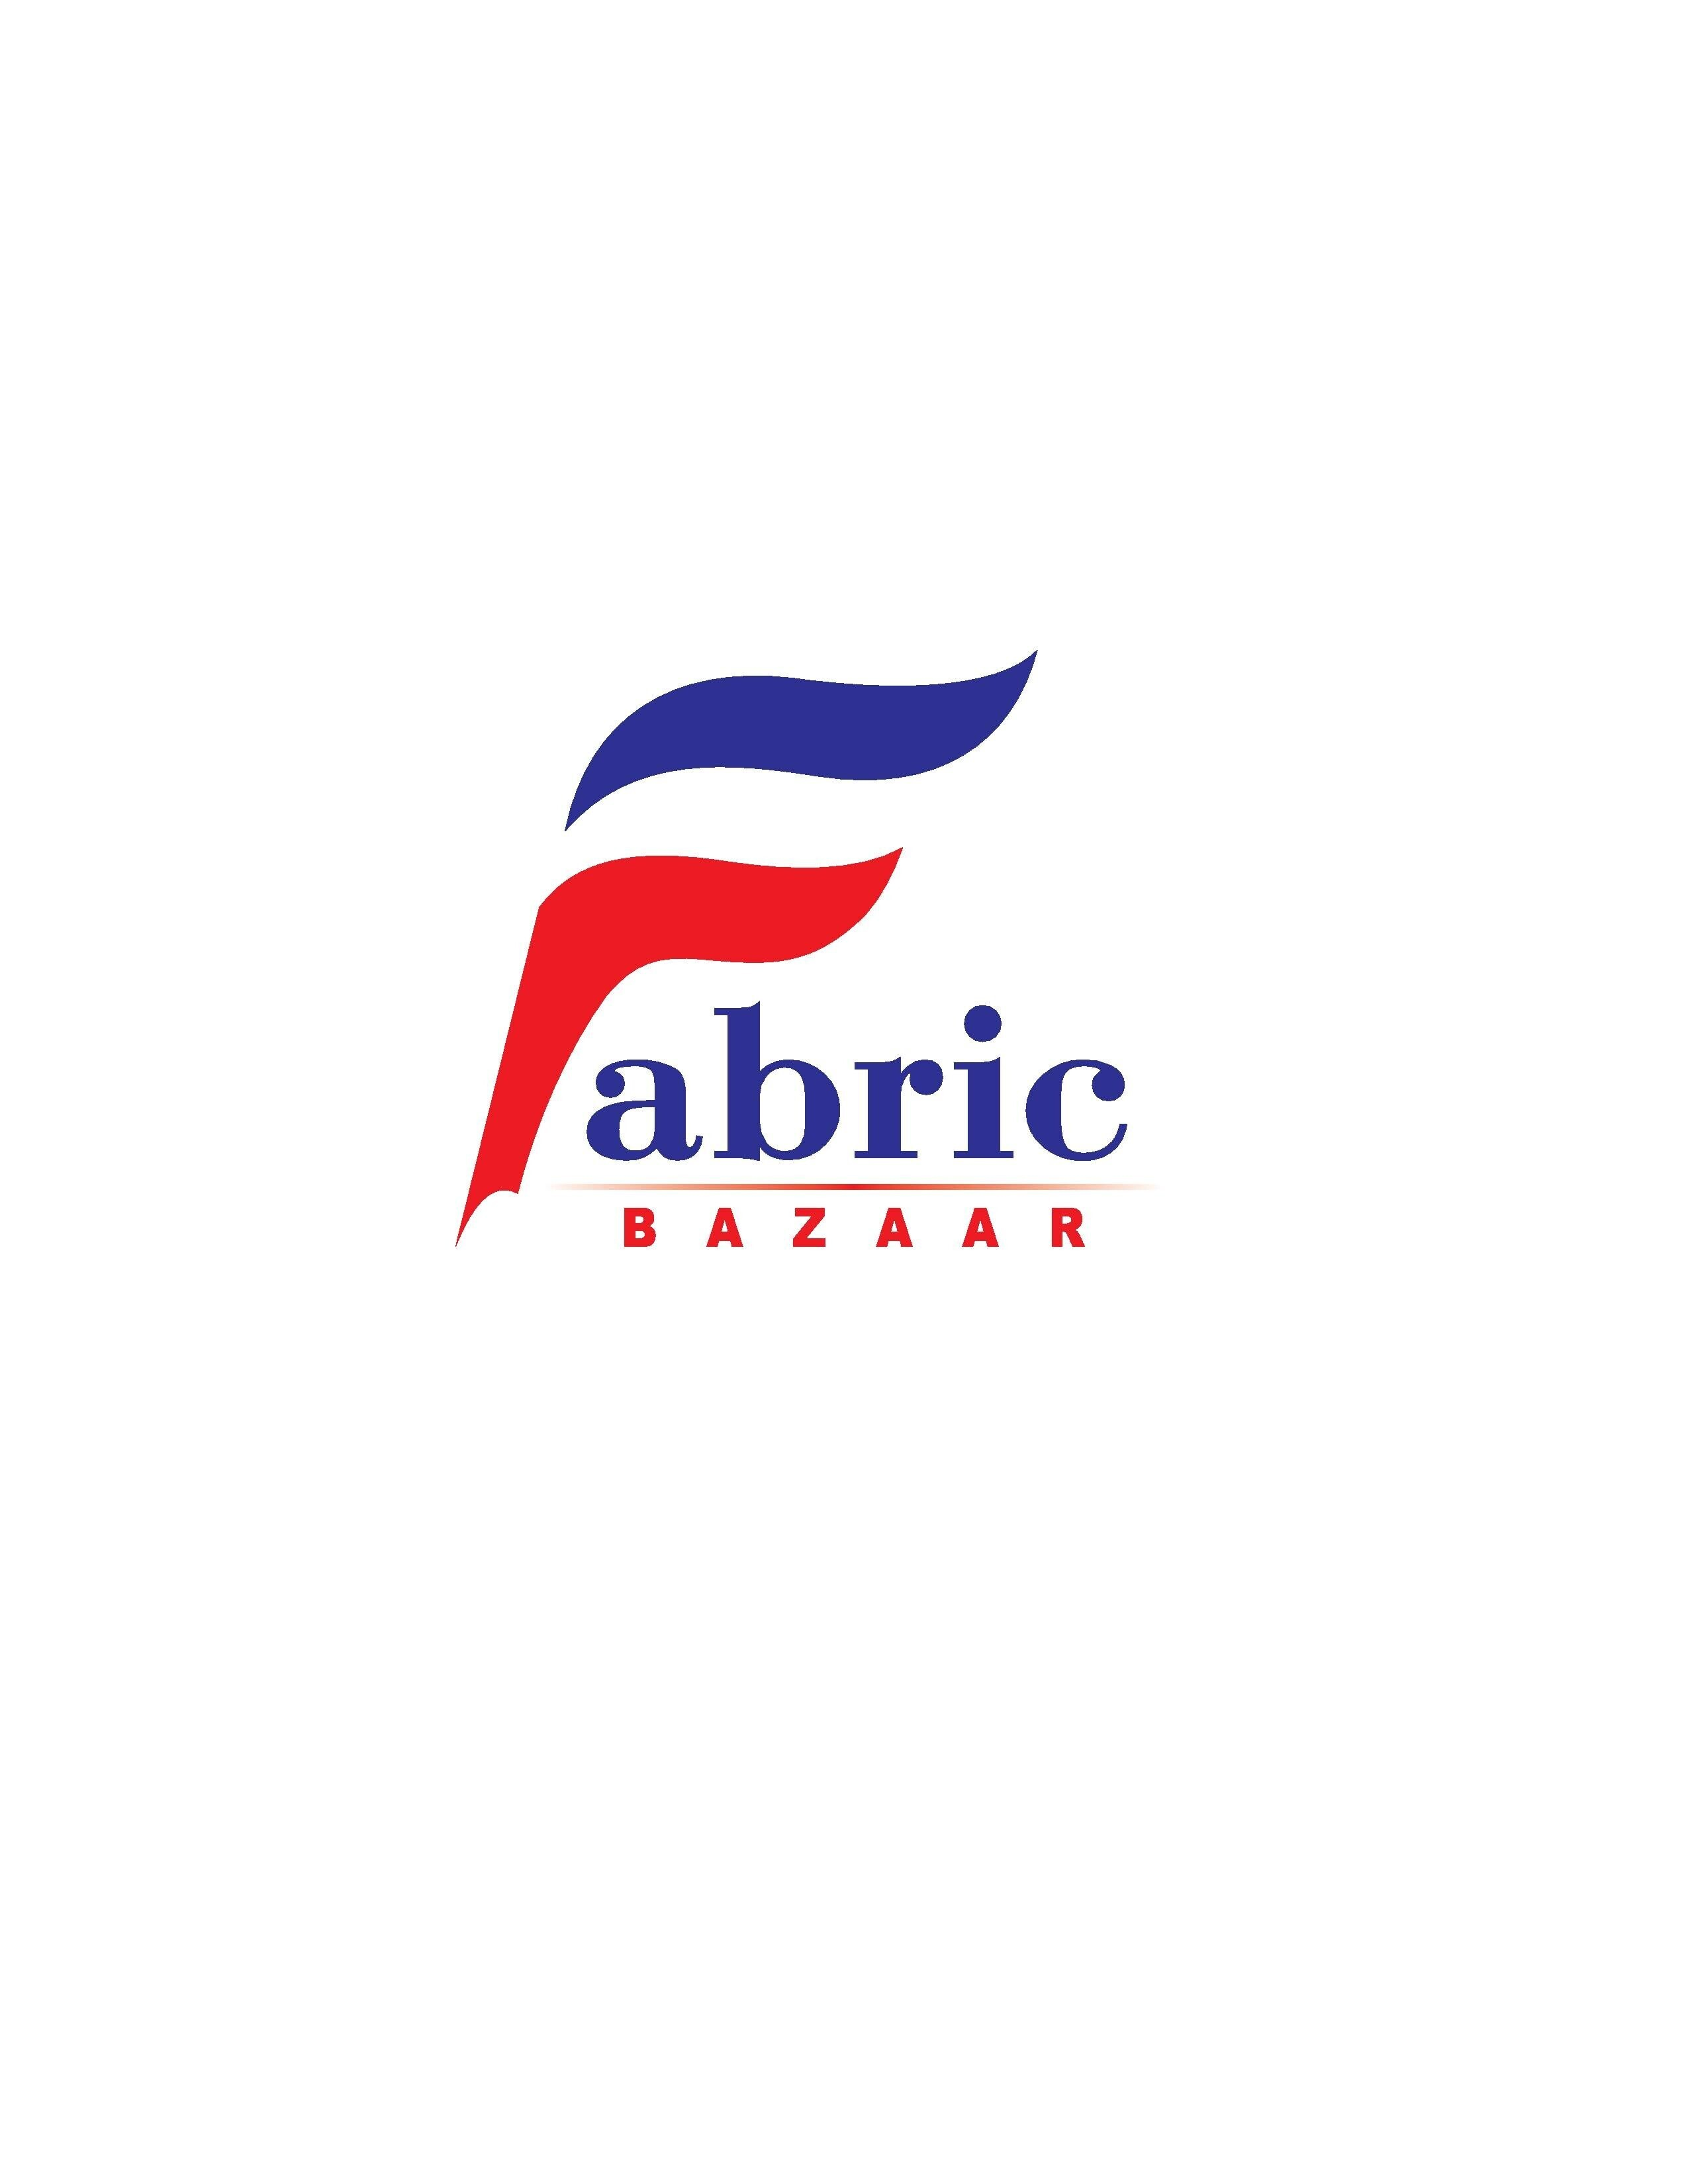 fabric bazaar